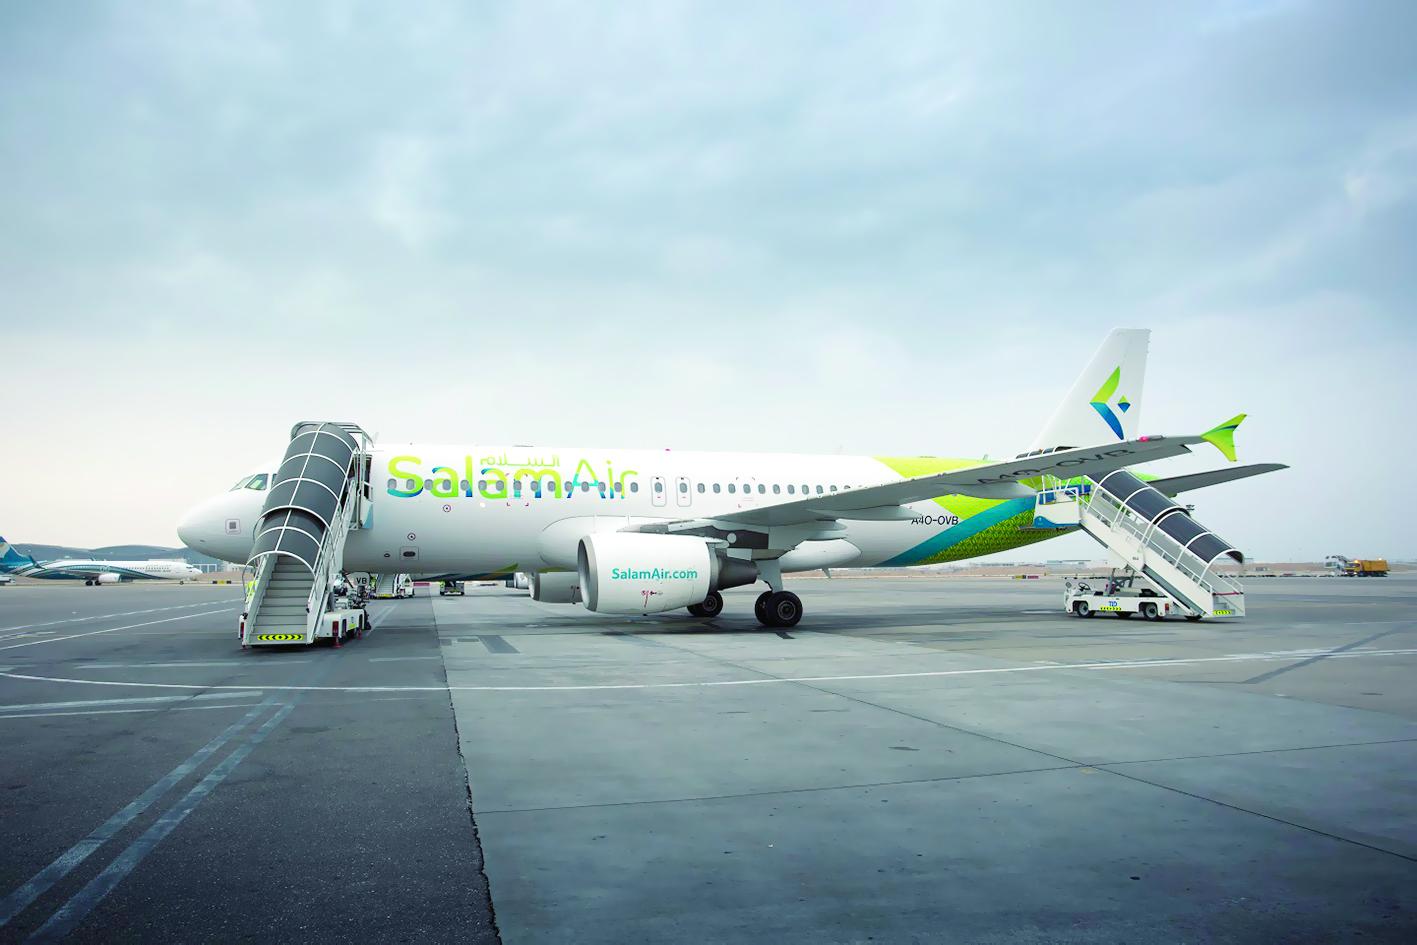 طيران السلام يطلق رحلات مباشرة إلى باكستان